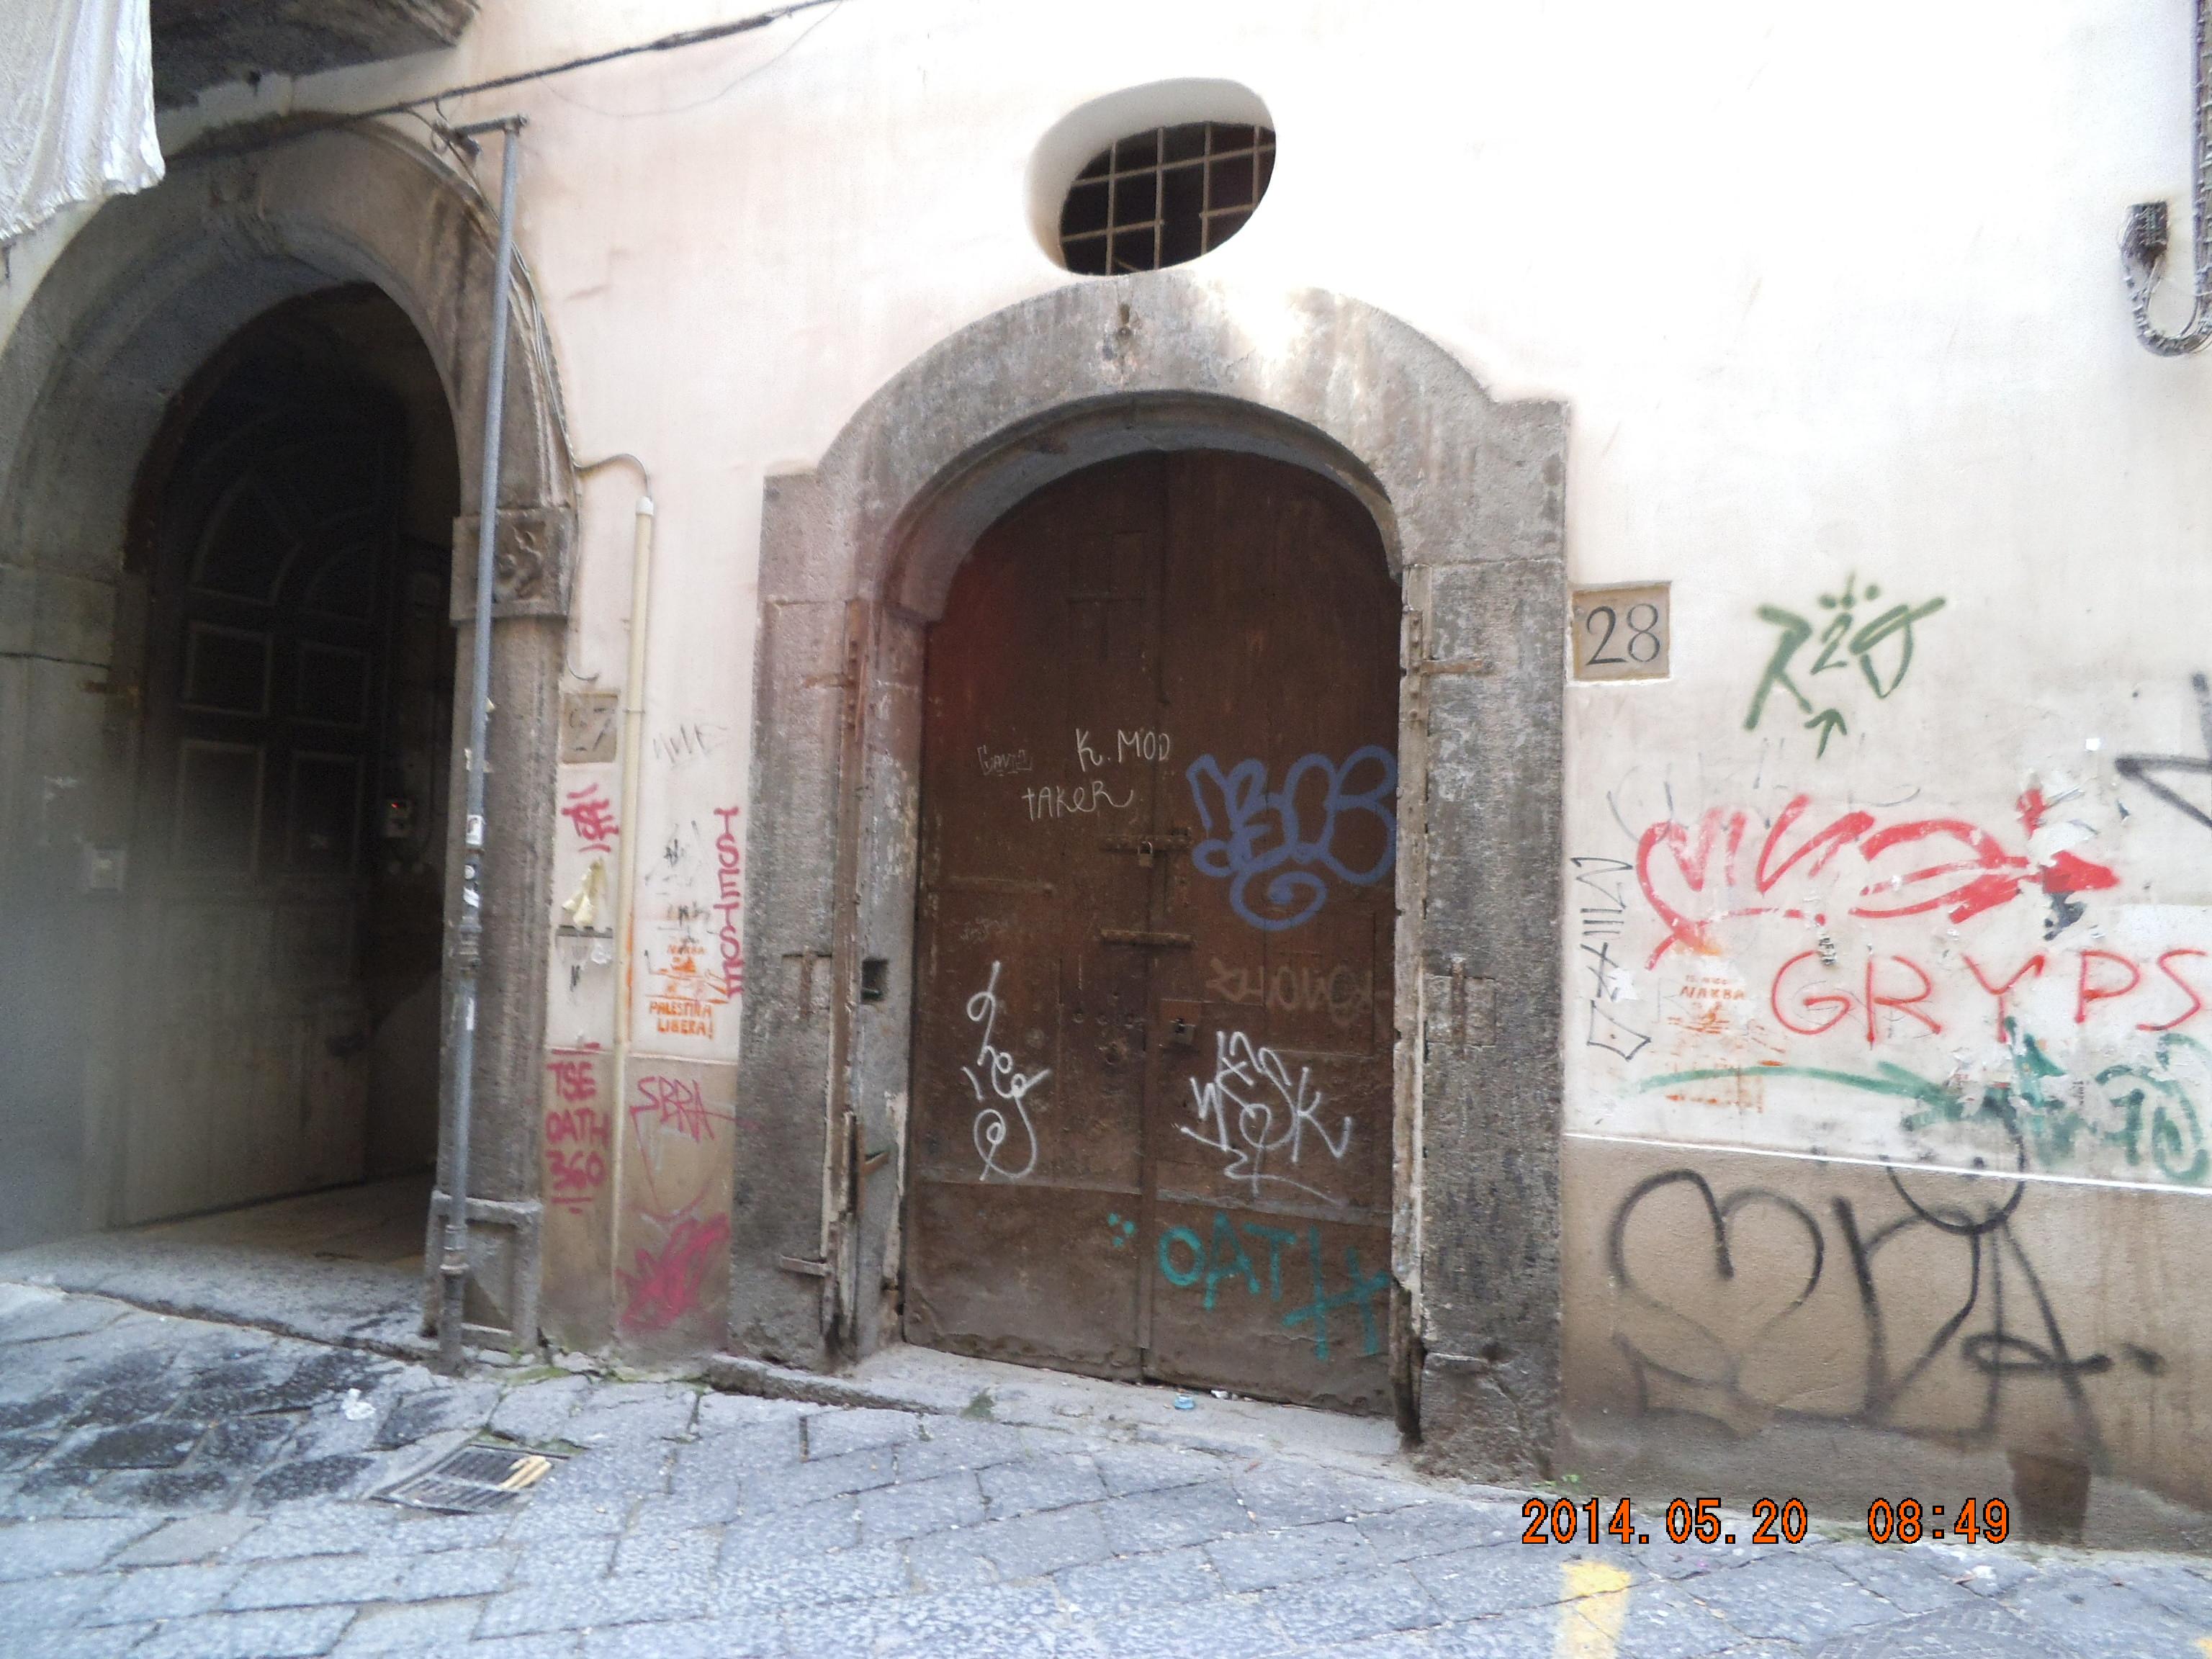 LOCAZIONE DEPOSITO CENTRO DI  NAPOLI